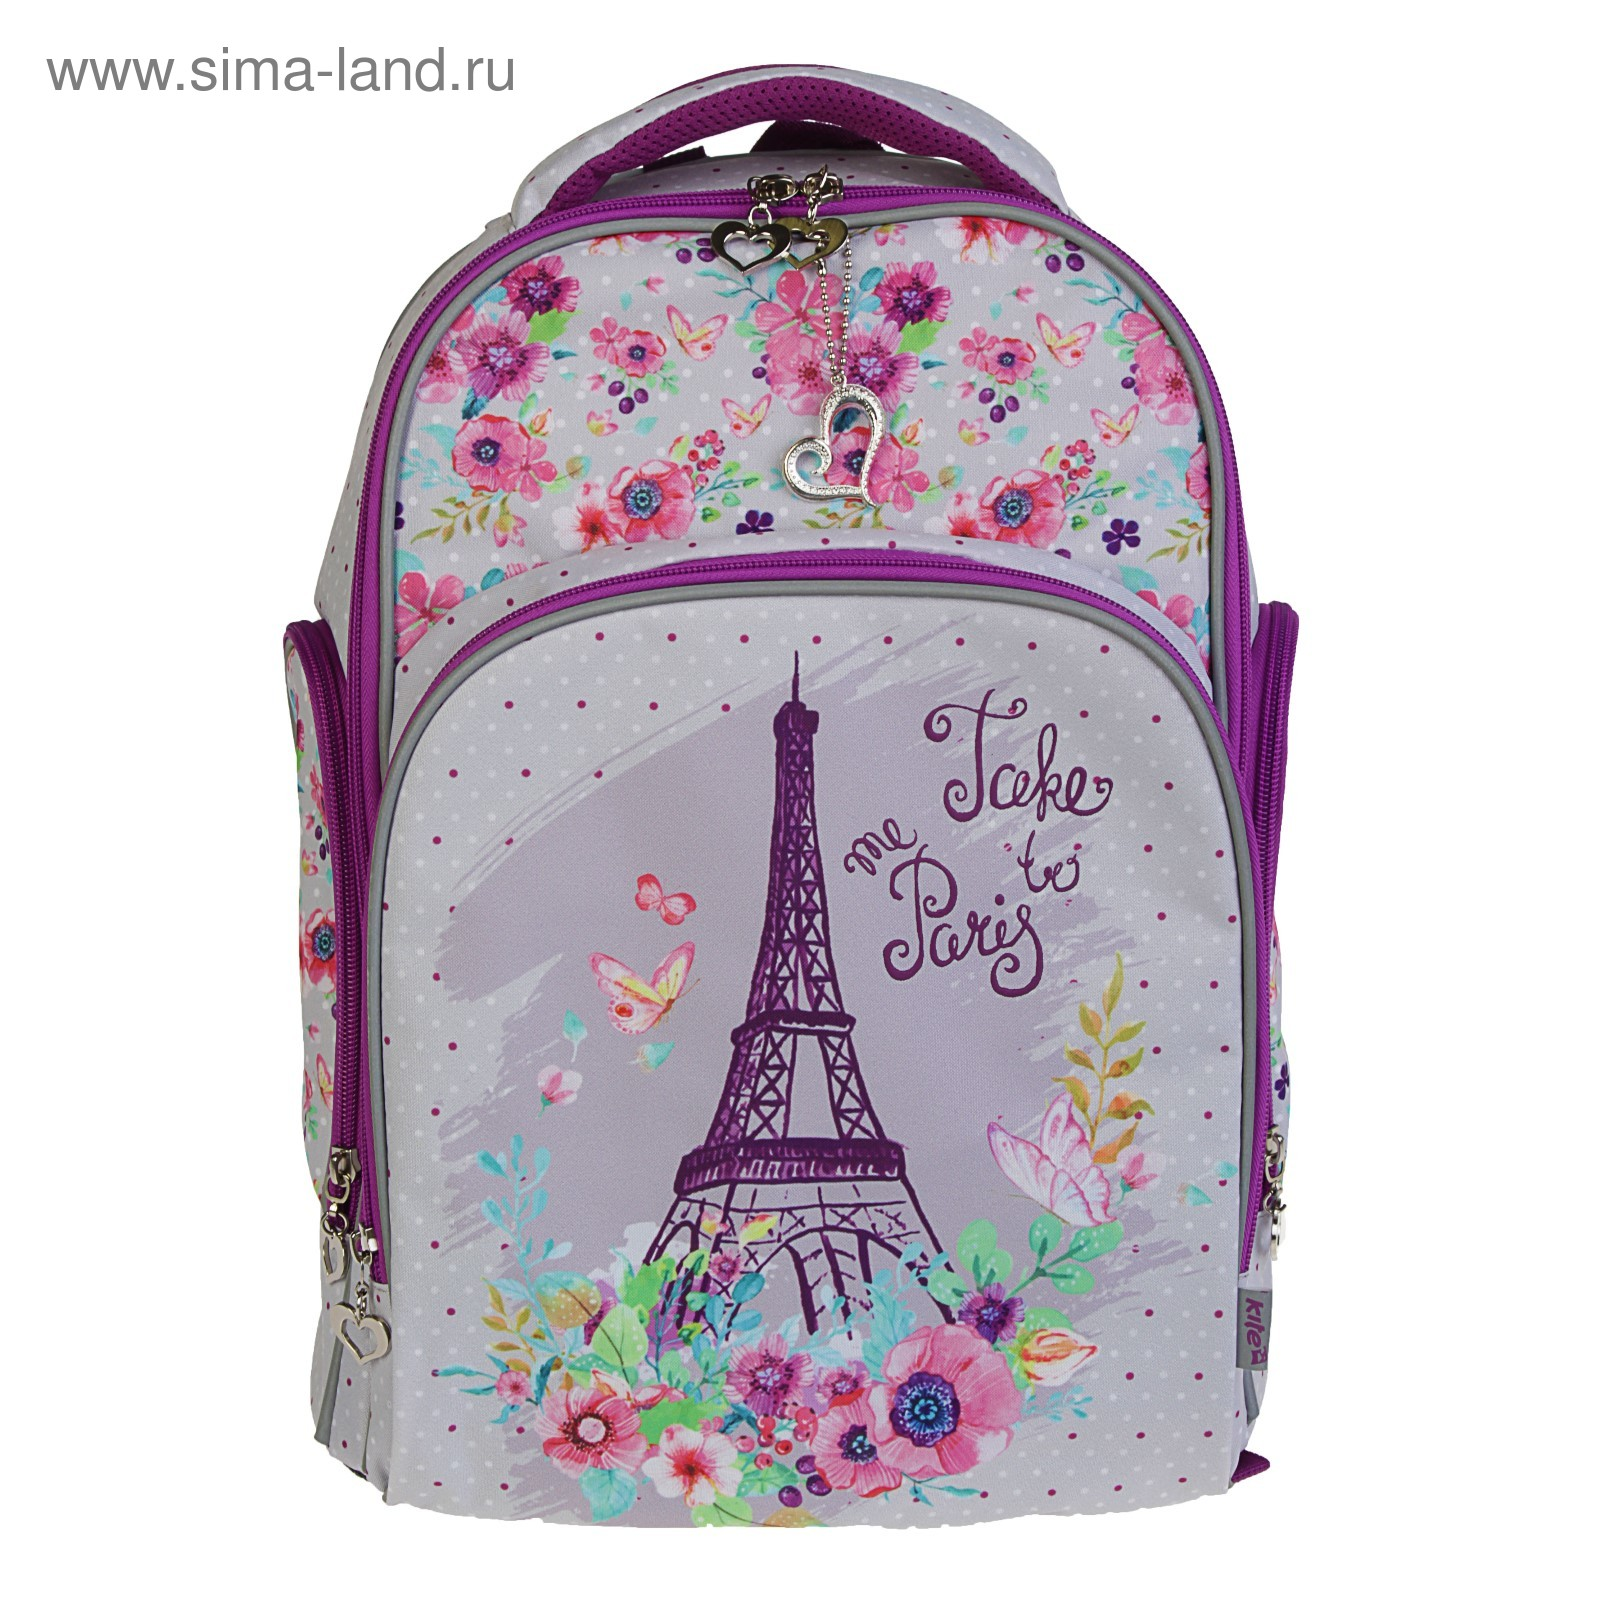 008c198421b1 Рюкзак школьный эргономичная спинка Kite 706 Paris, 39 х 29 х 16 см, серый